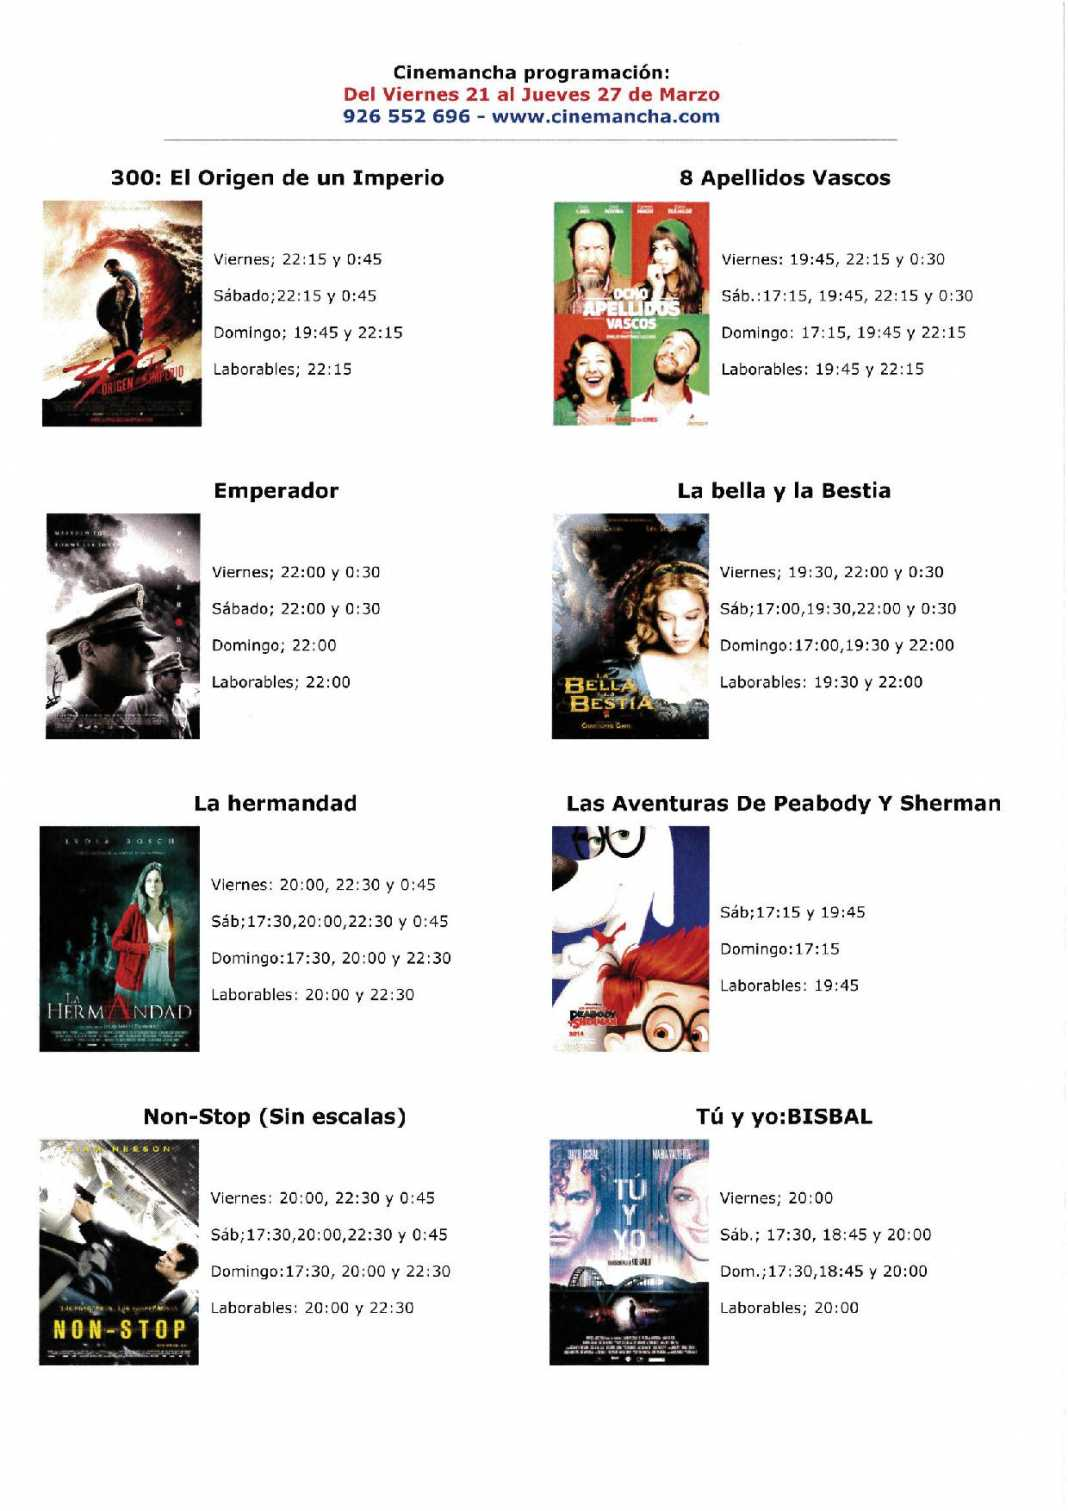 MX 2310U 20140320 111407 1 1068x1511 - Programación Cinemancha del 21 al 27 de marzo